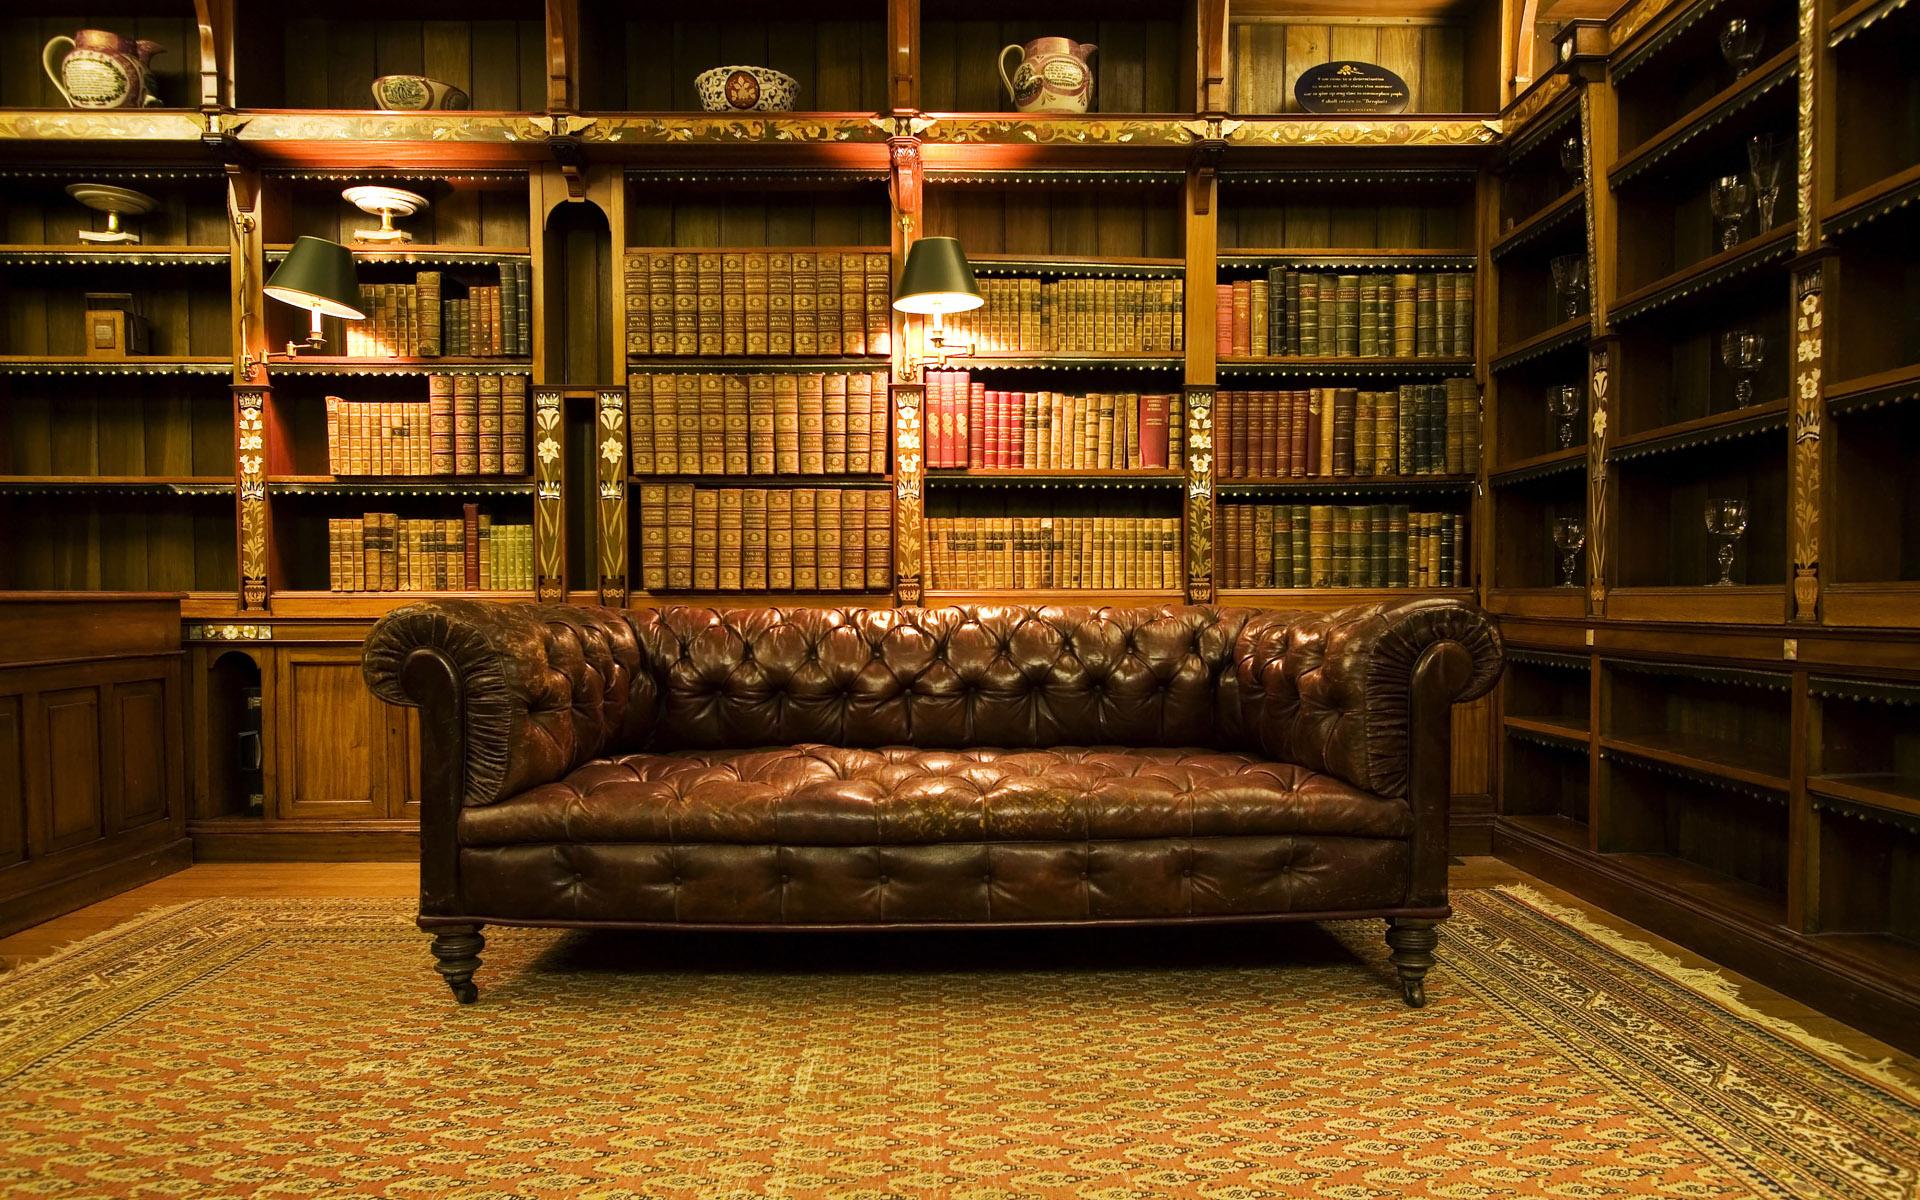 картинки старинных библиотек элементарно смешиваются кистью